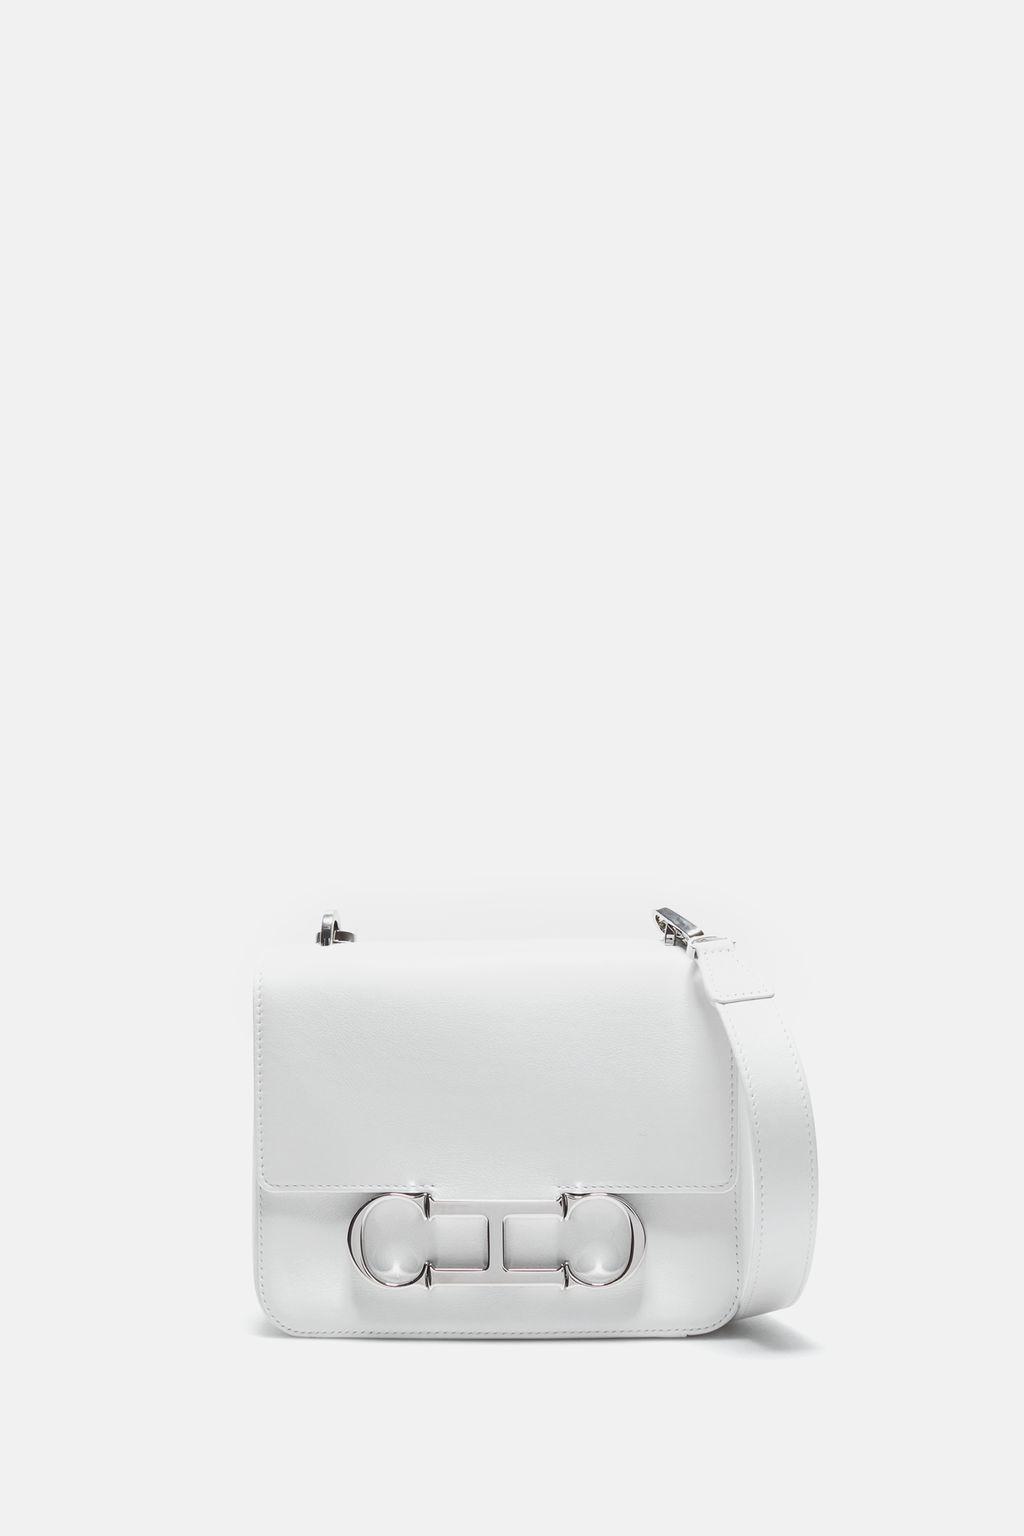 Initials Insignia   Small shoulder bag